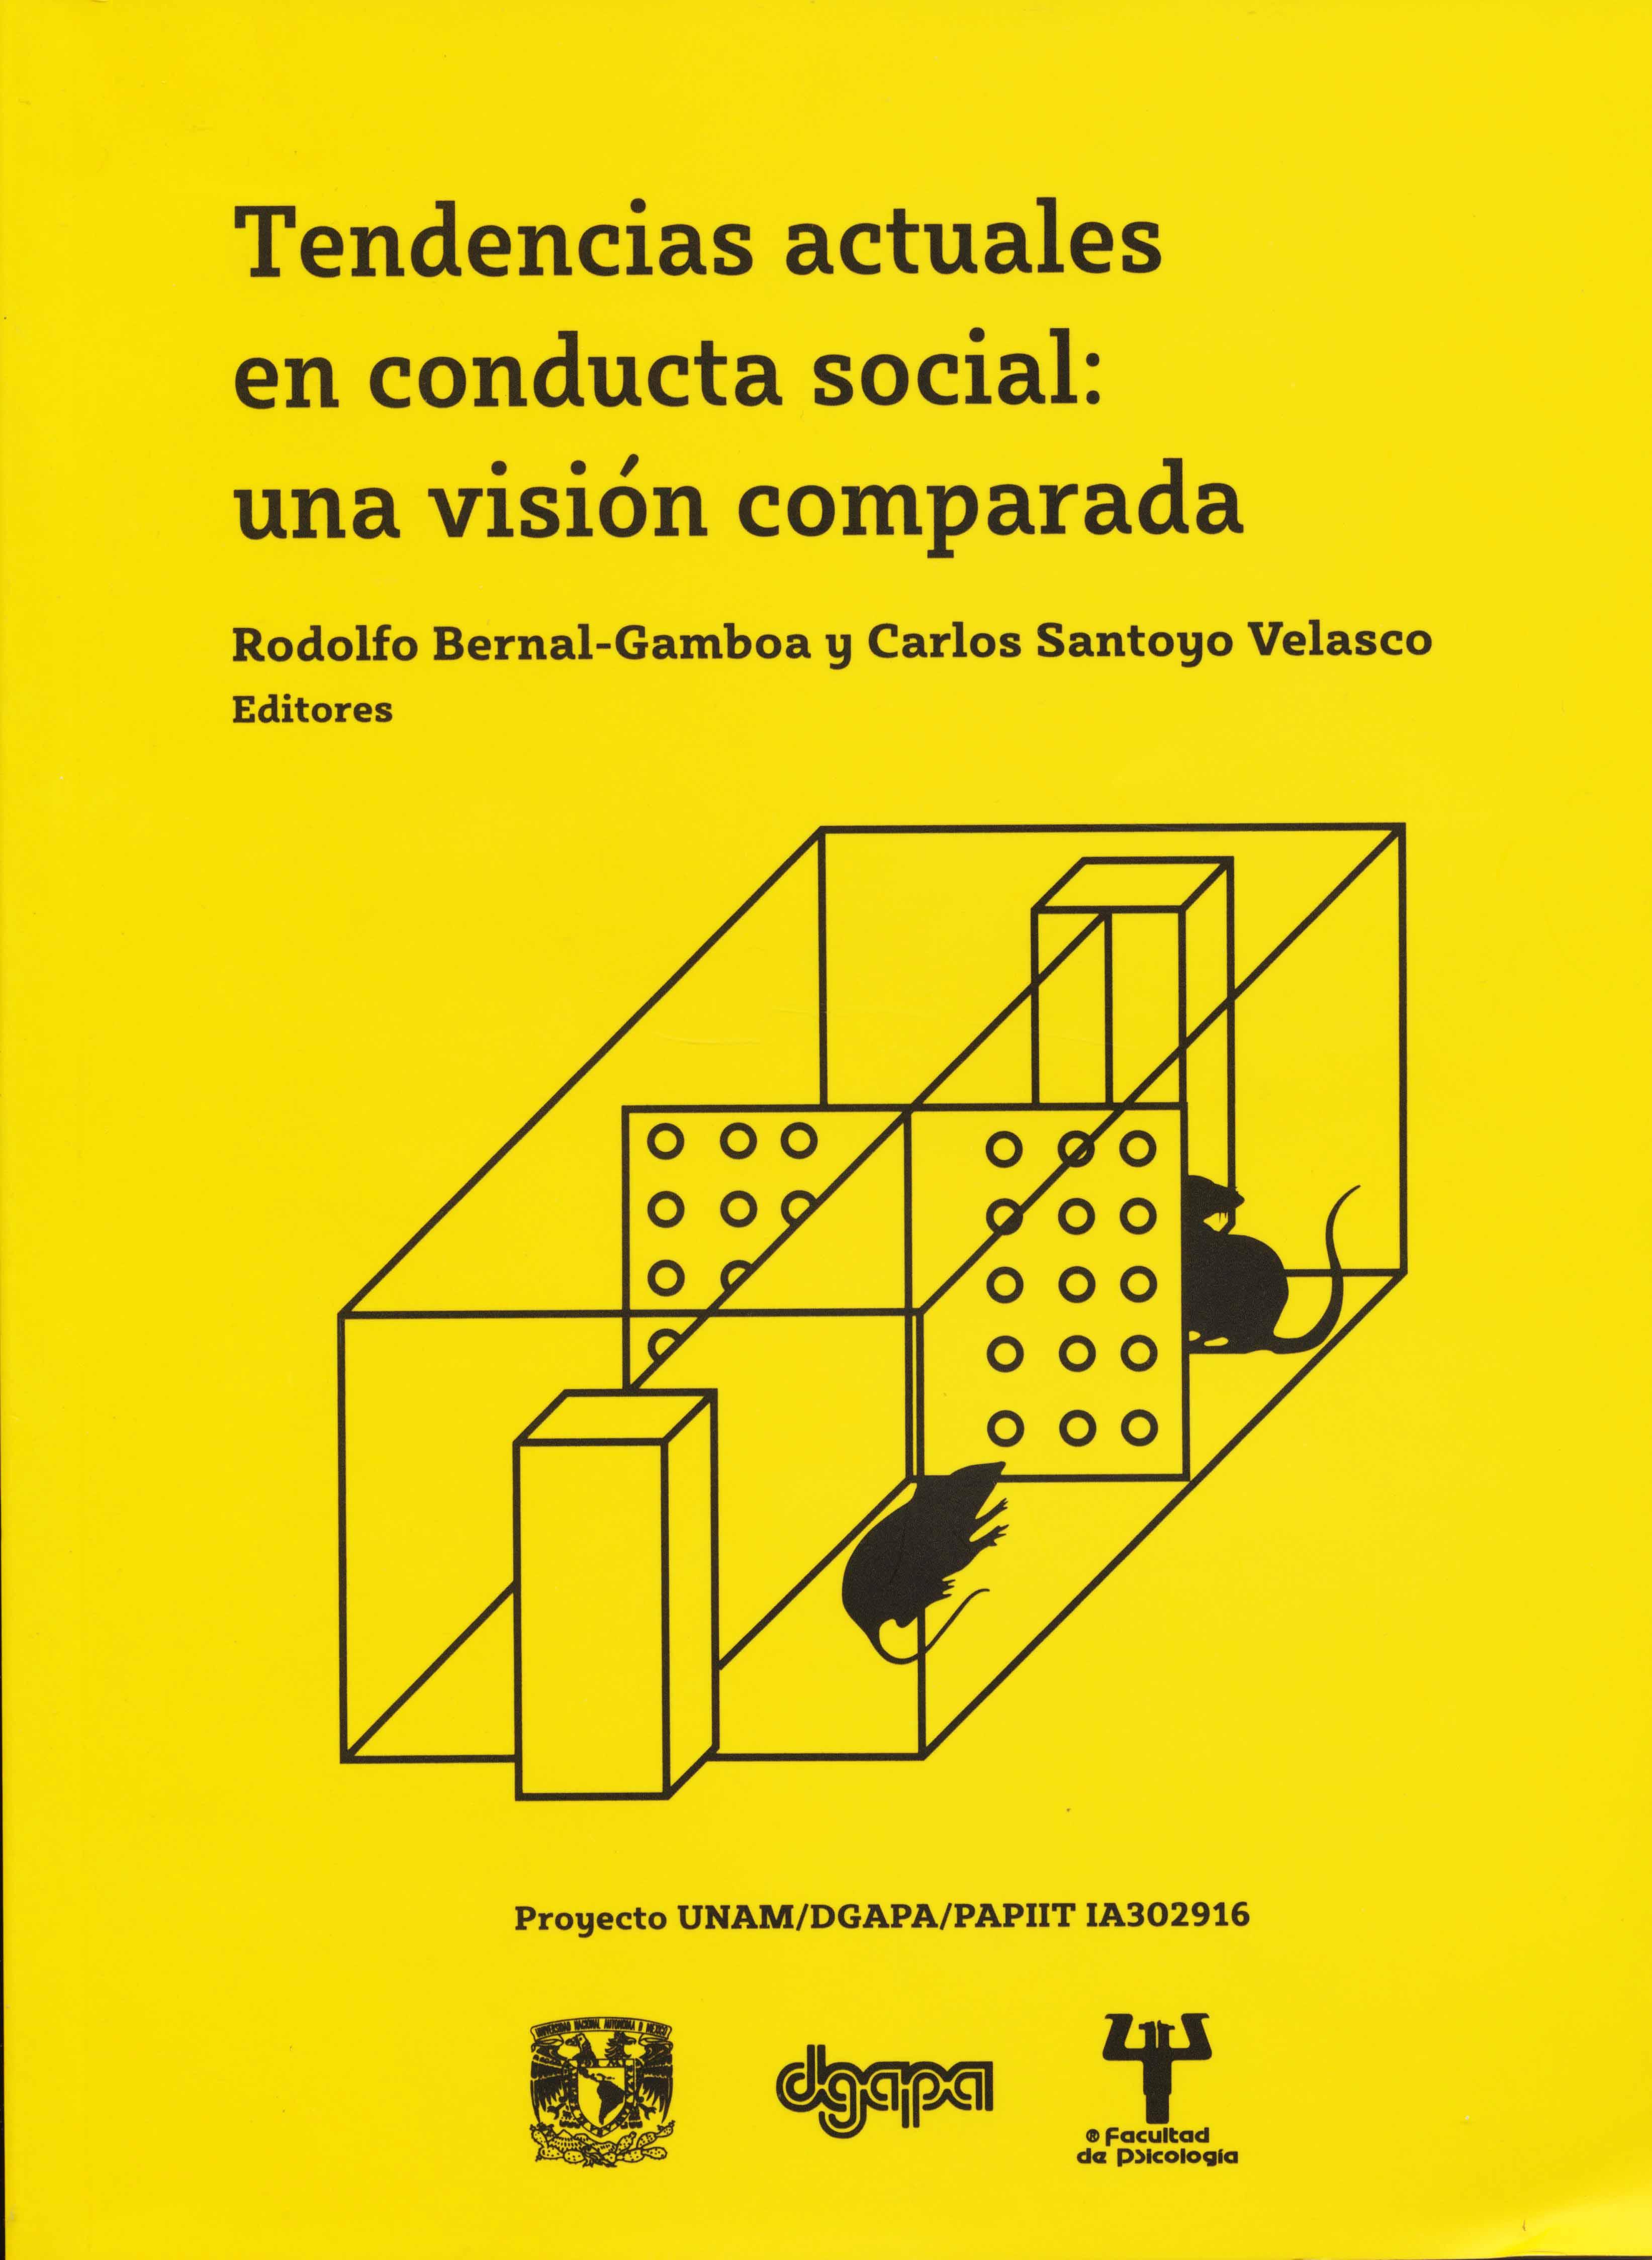 Tendencias actuales en conducta social: una visión comparada